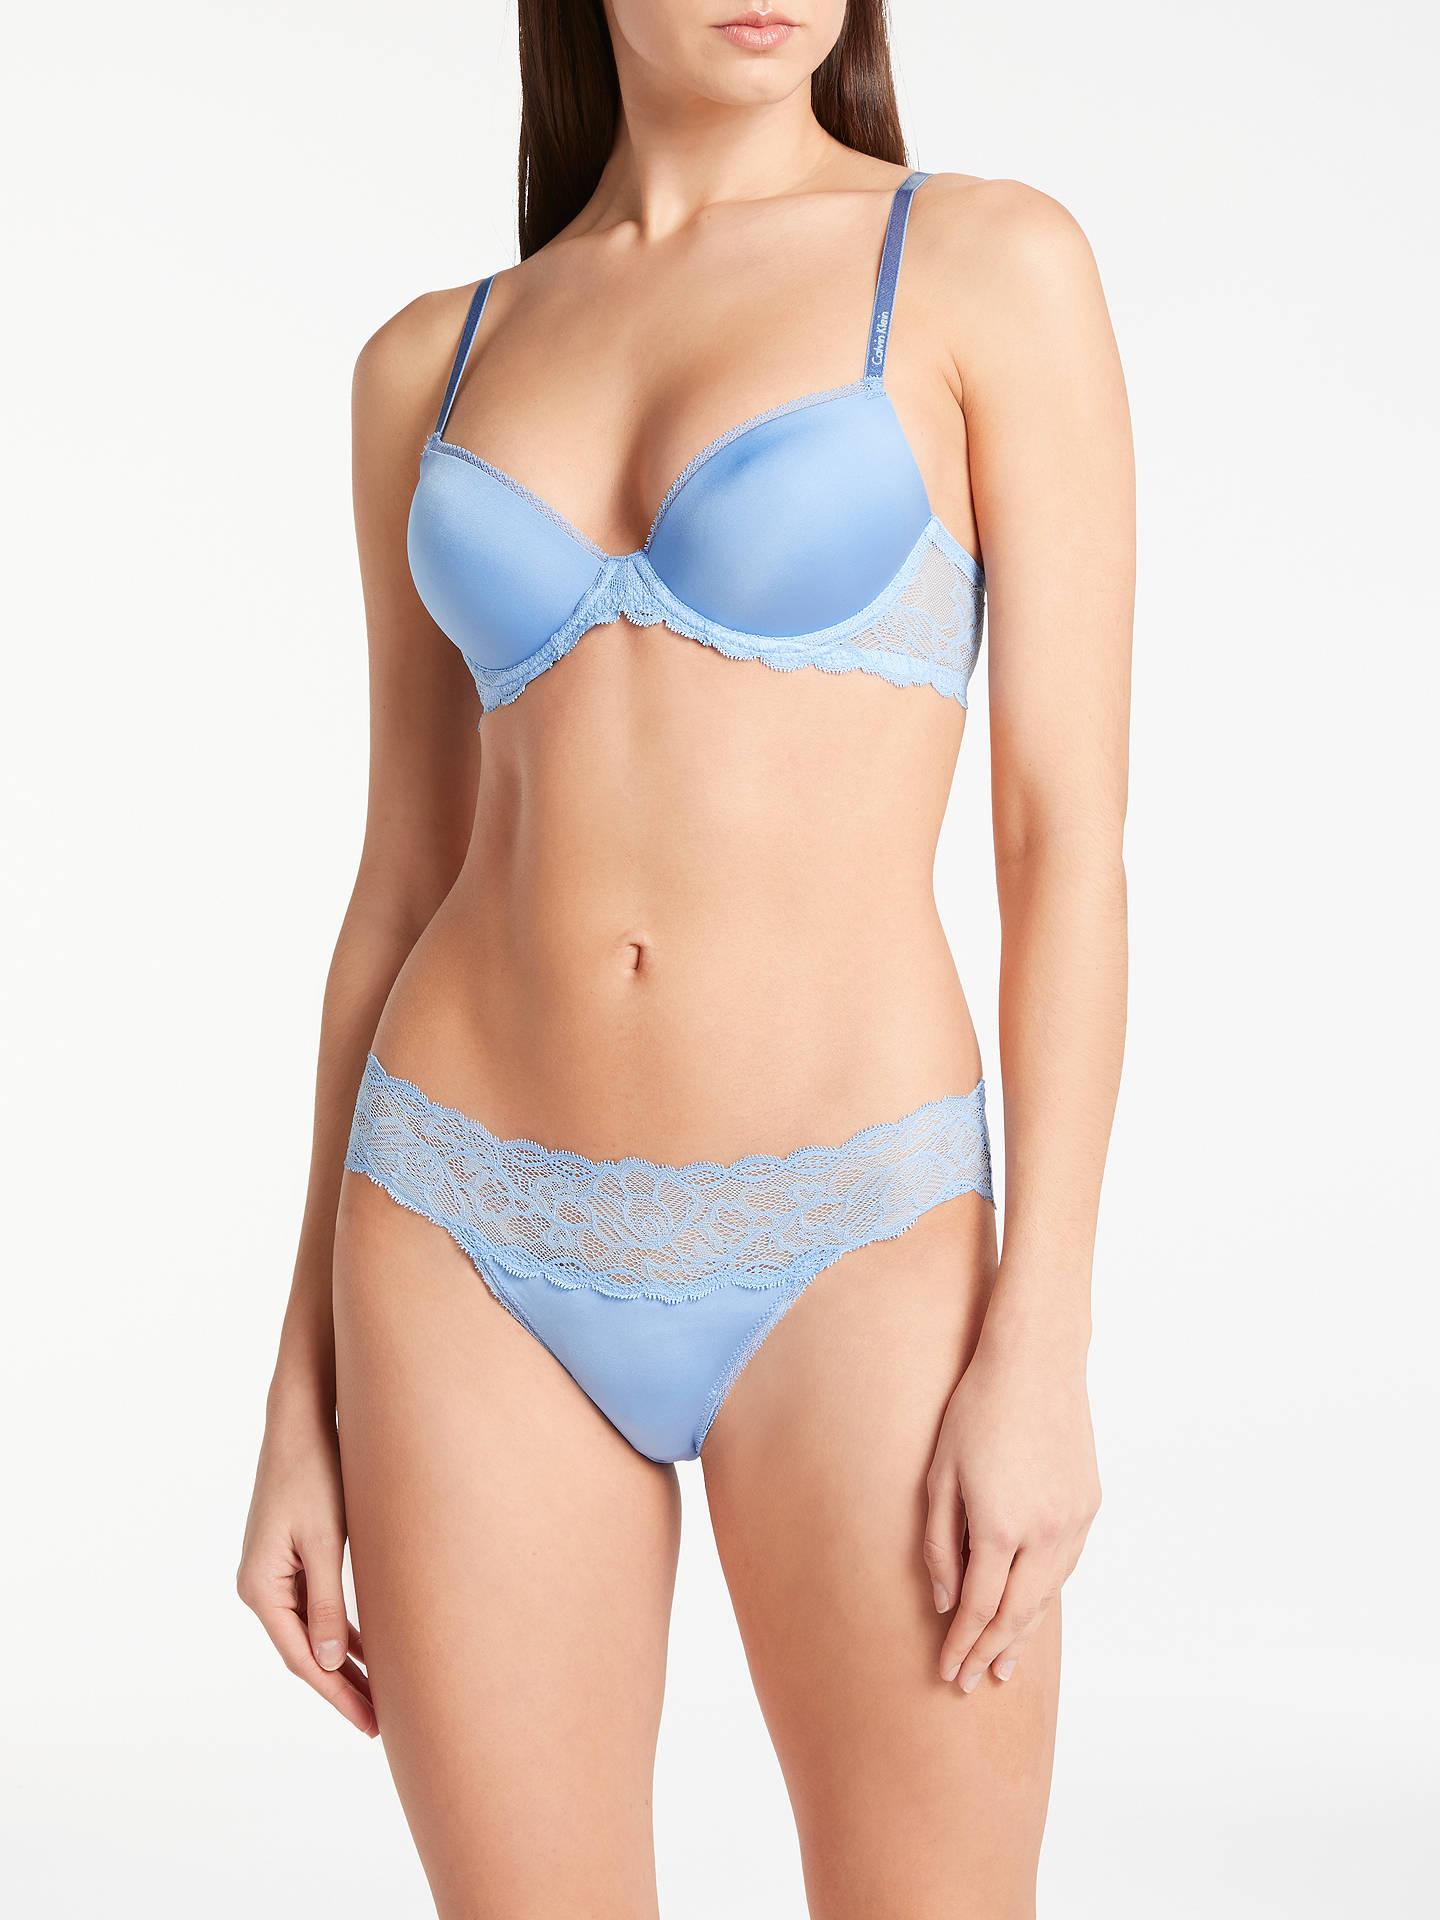 da1e538c65 Calvin Klein Underwear Seductive Comfort Demi Lift Bra at John Lewis ...